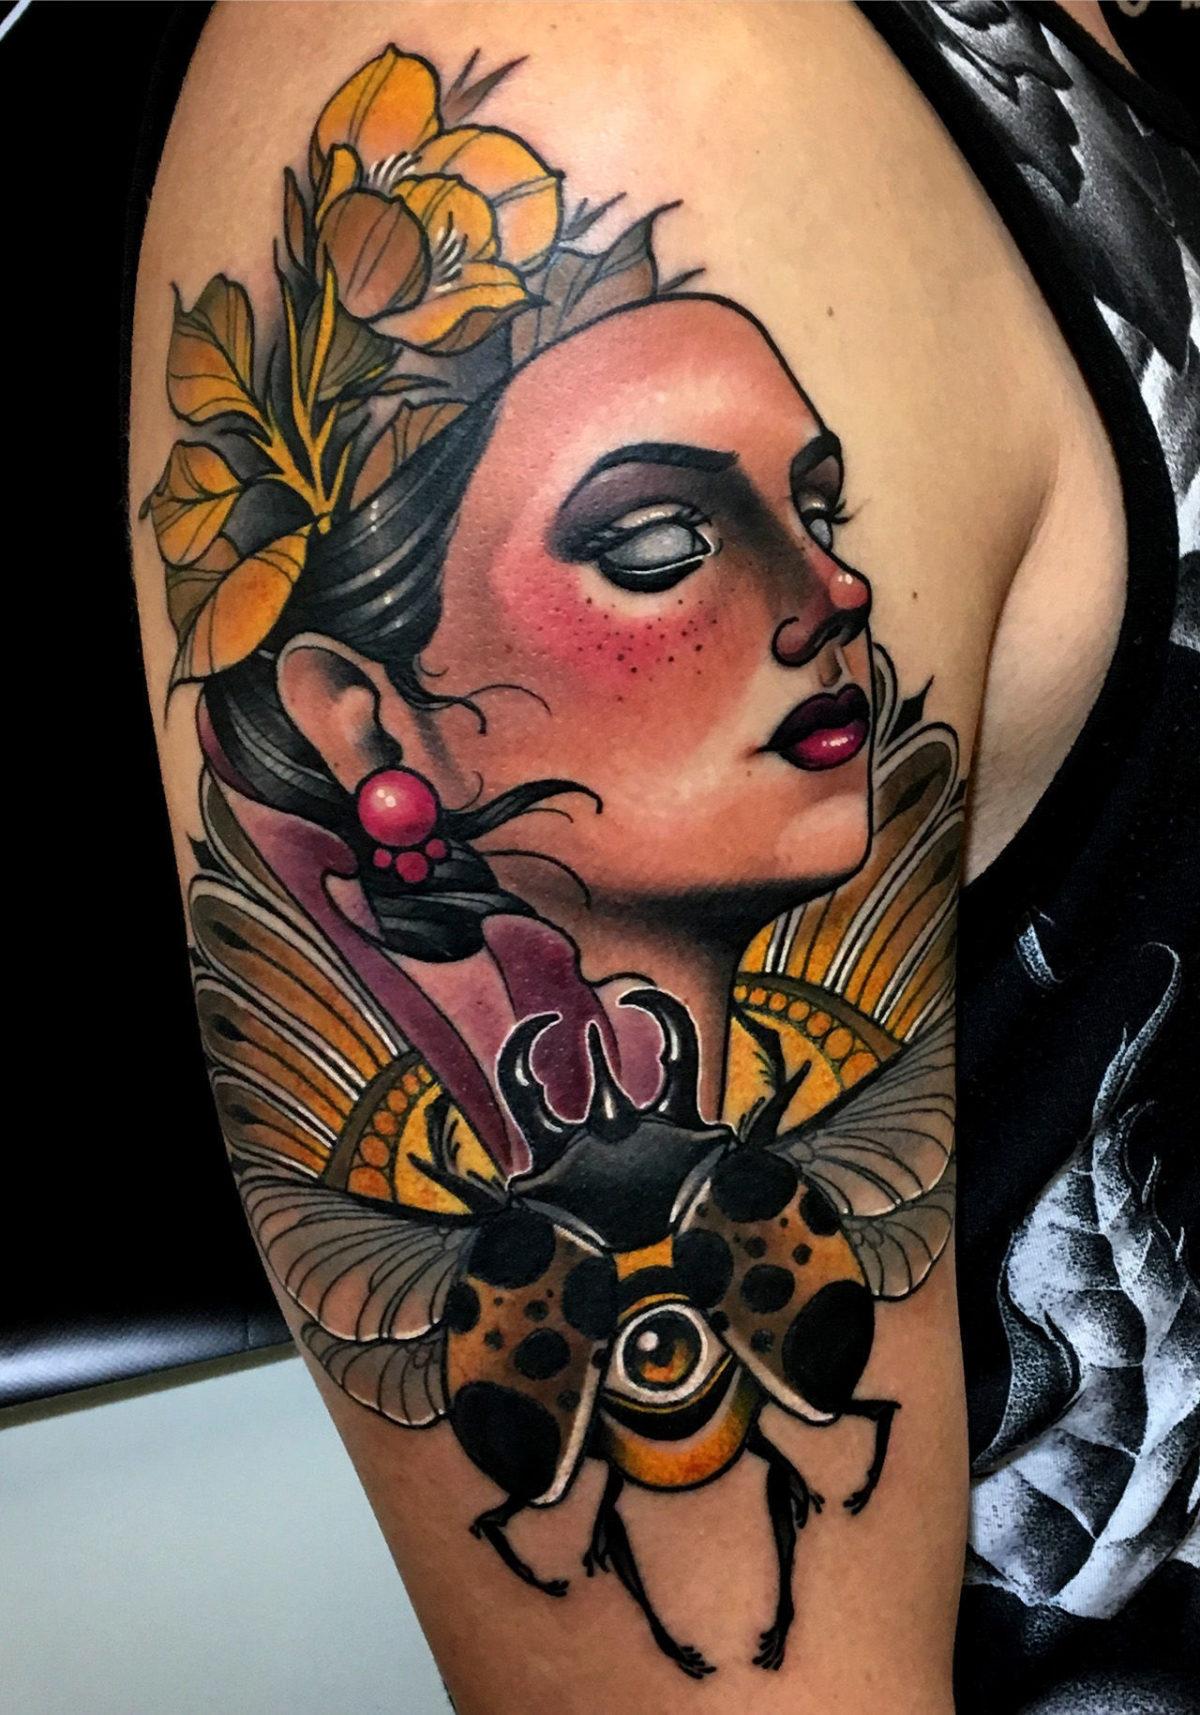 62 Ideas de Tatuajes de Escarabajos (+Significados) 31